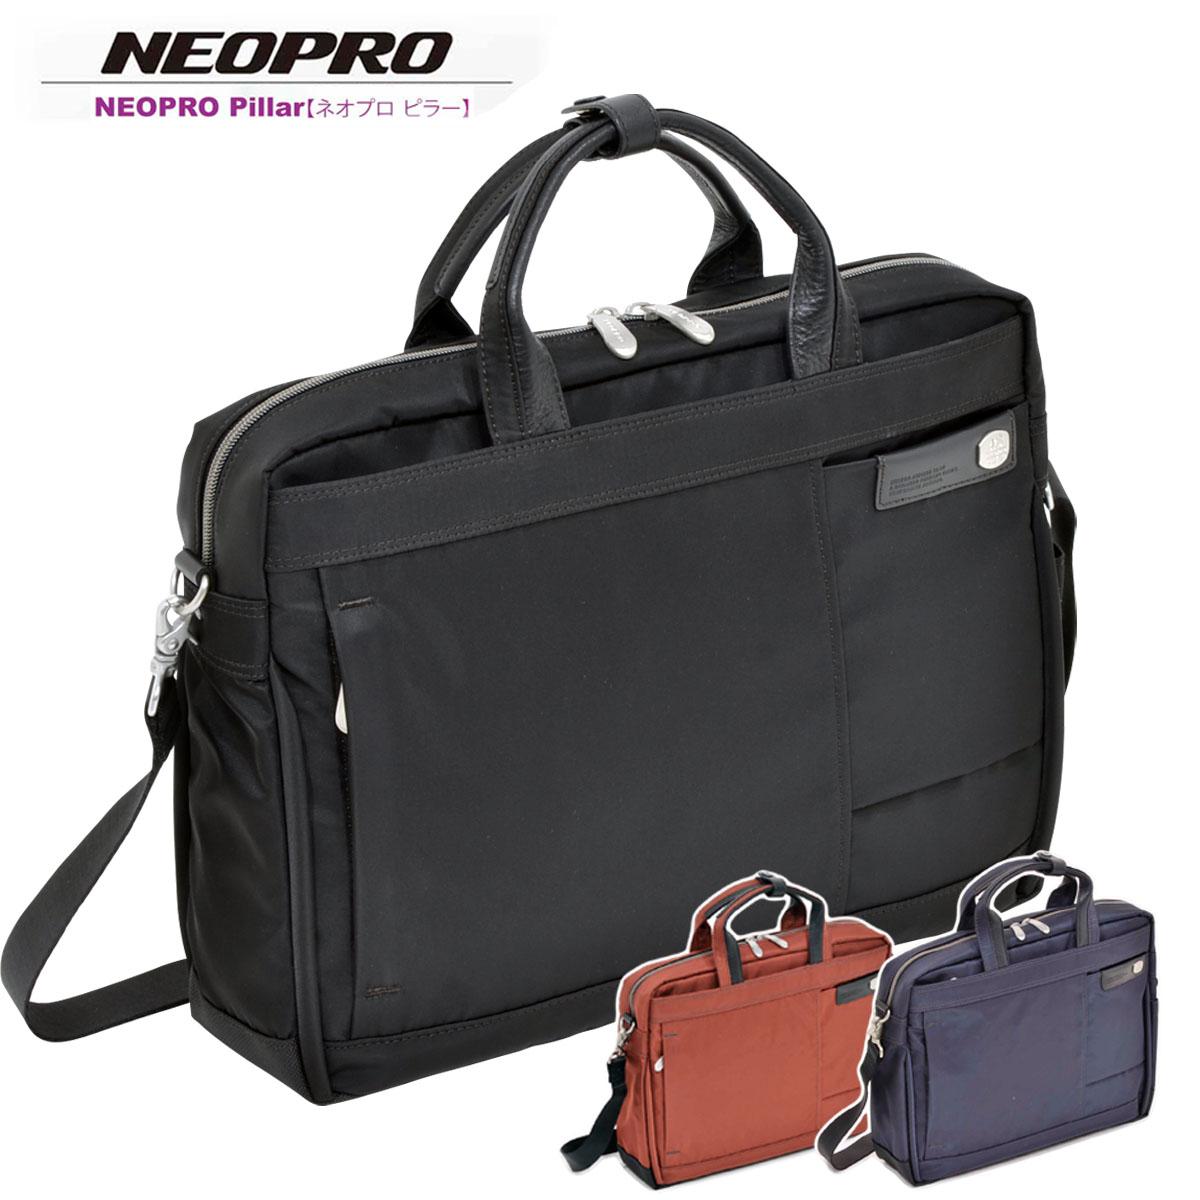 ビジネスバッグ NEOPRO Pillar ネオプロ No:2-160 カラフル おしゃれ ブリーフケース ノート PC モバイル A4 ファイル 対応 自立 メンズ レディース 兼用 通勤 通学 就活